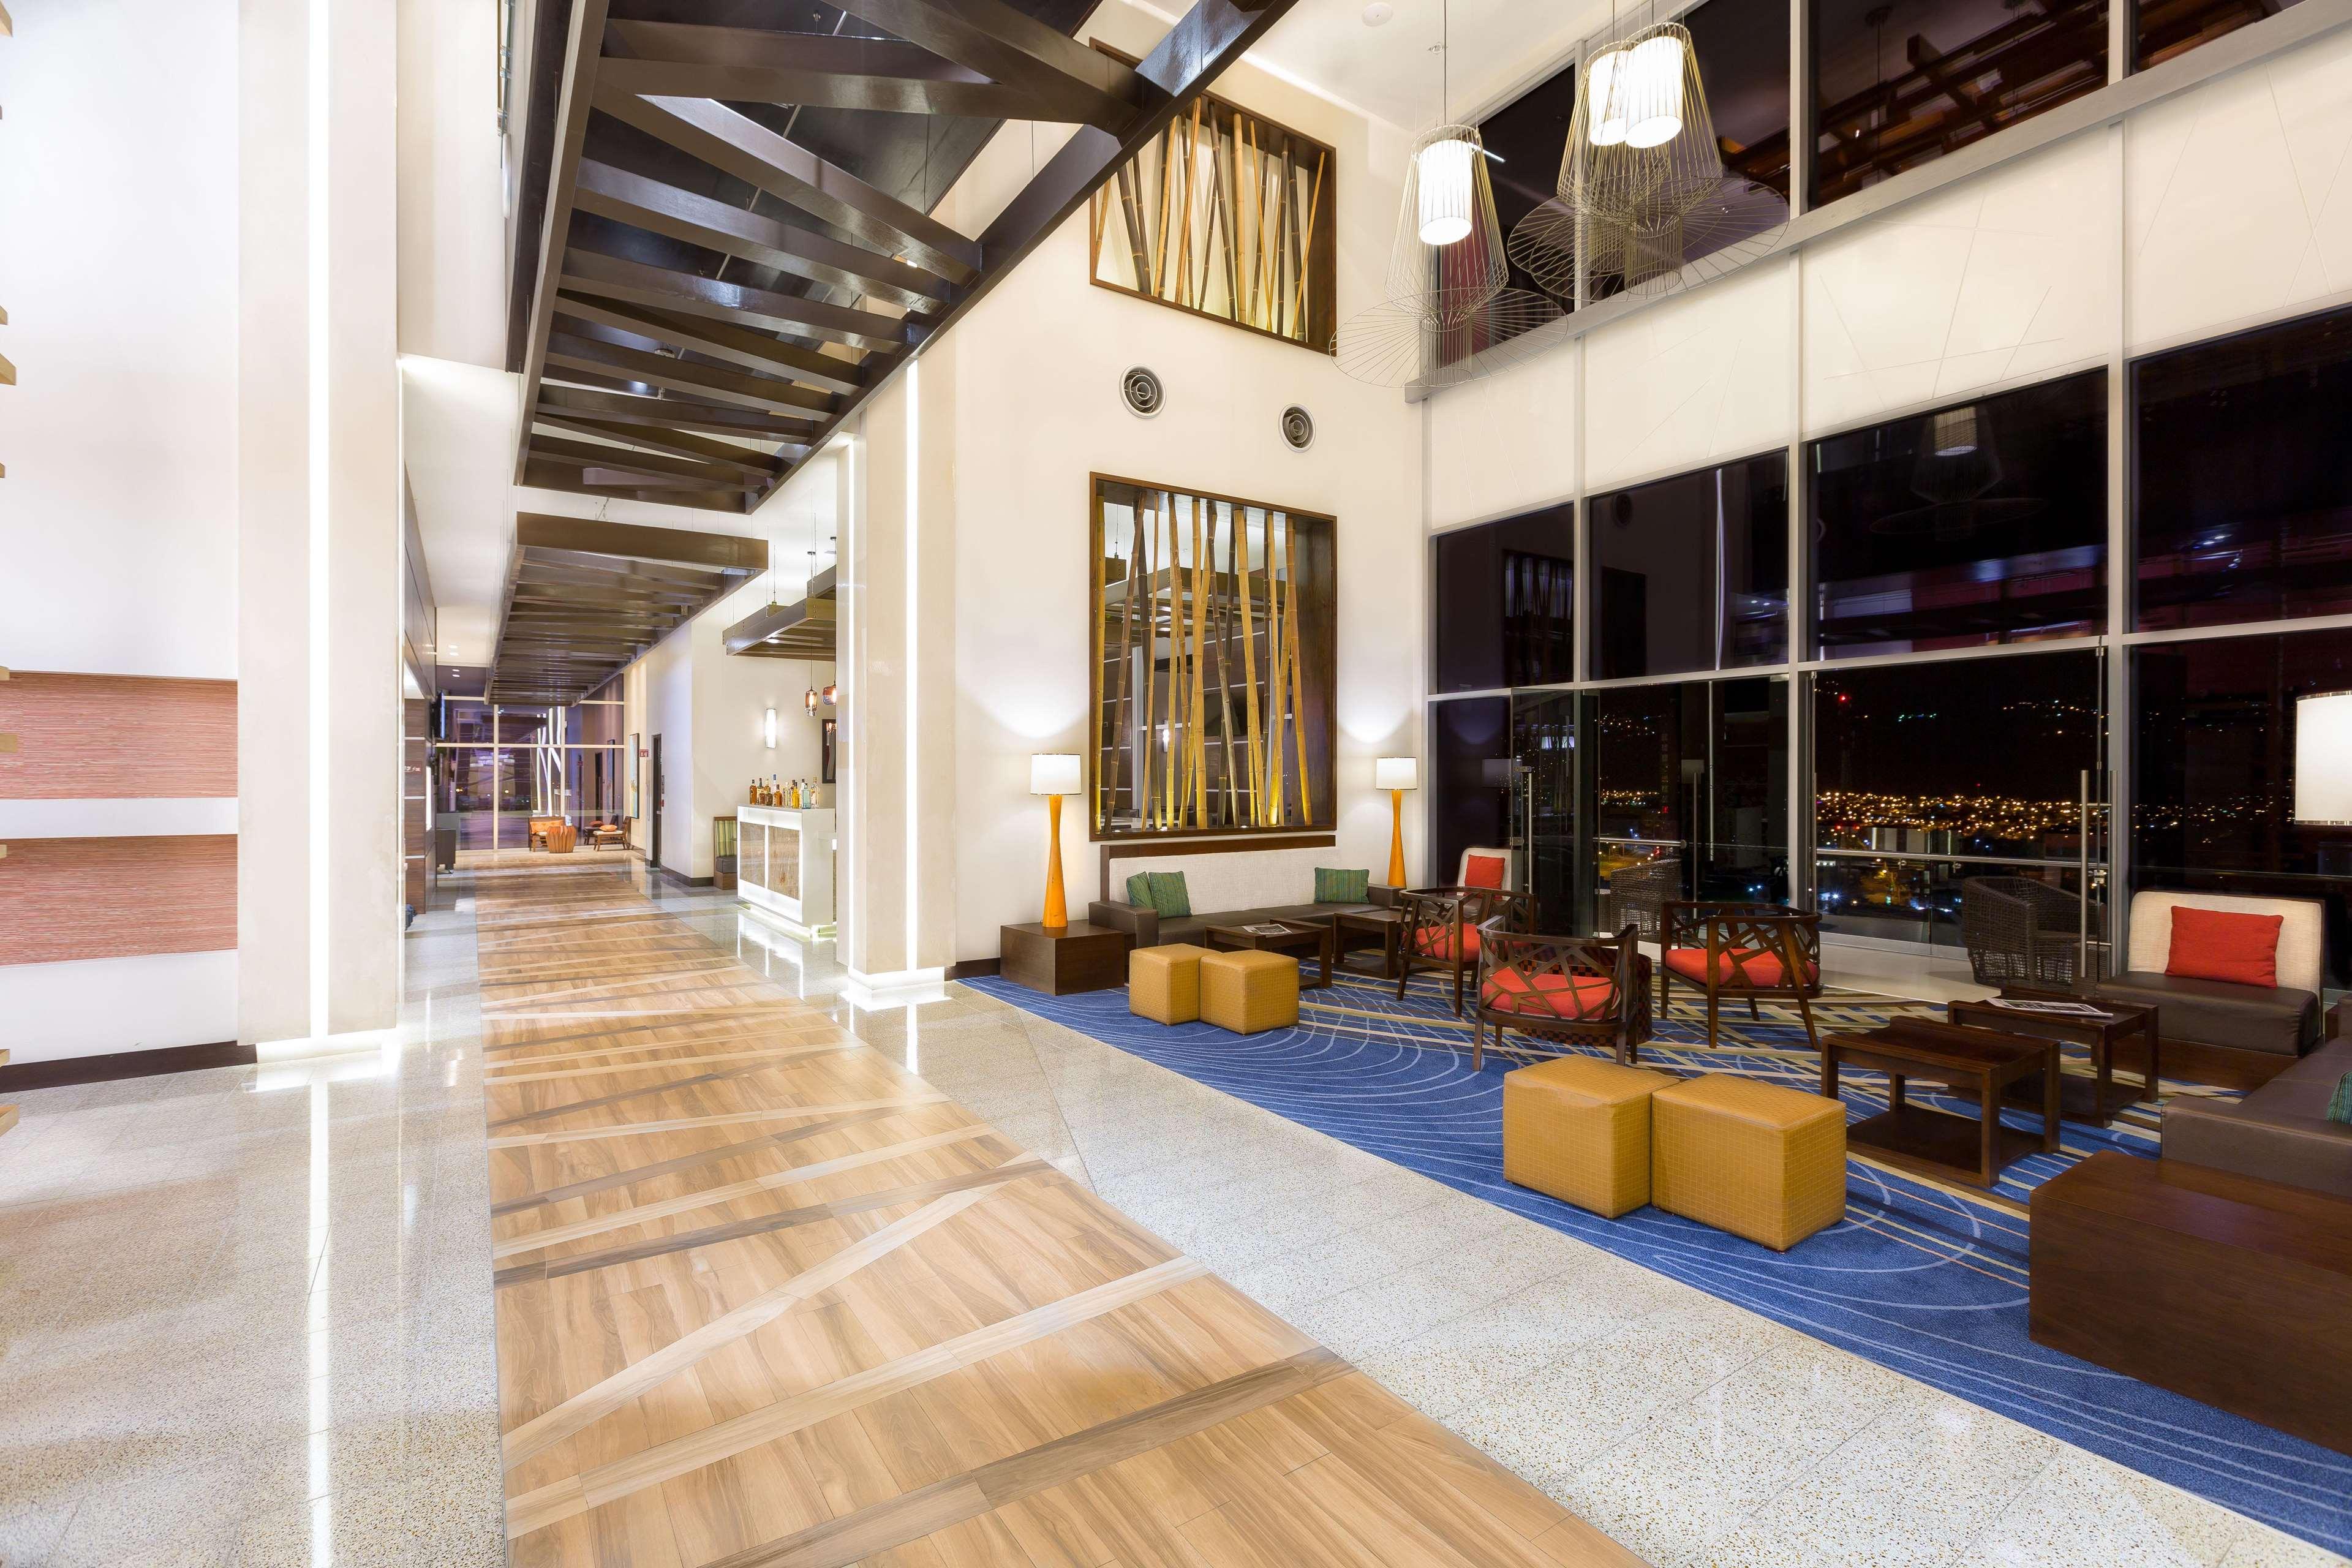 Hilton Garden Inn San Jose La Sabana, Costa Rica